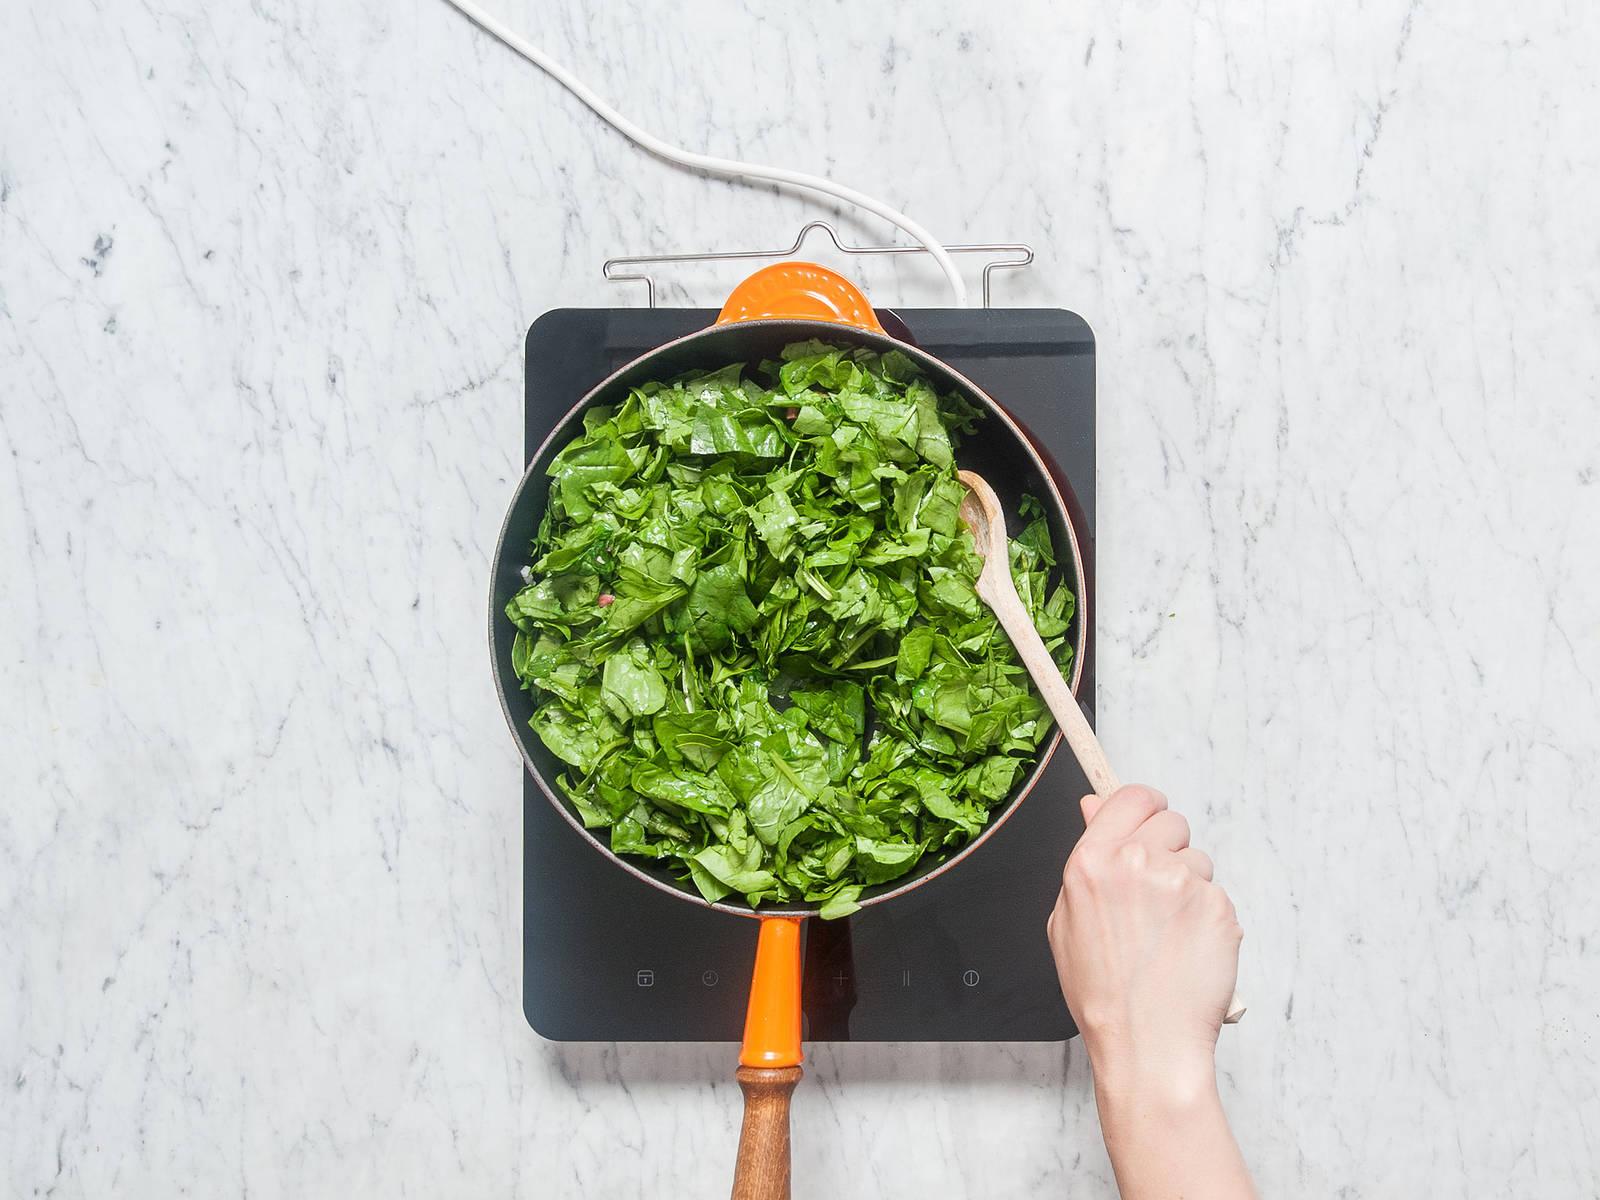 Olivenöl in einer großen Pfanne auf mittlerer Stufe erhitzen. Speckwürfel, Zwiebel und Knoblauch zugeben und ca. 2 - 3 Min. anbraten. Frühlingszwiebeln und Spinat dazuzugeben. Mit Salz und Pfeffer abschmecken und bei mittlerer Hitze ca. 4 - 5 Min. braten.